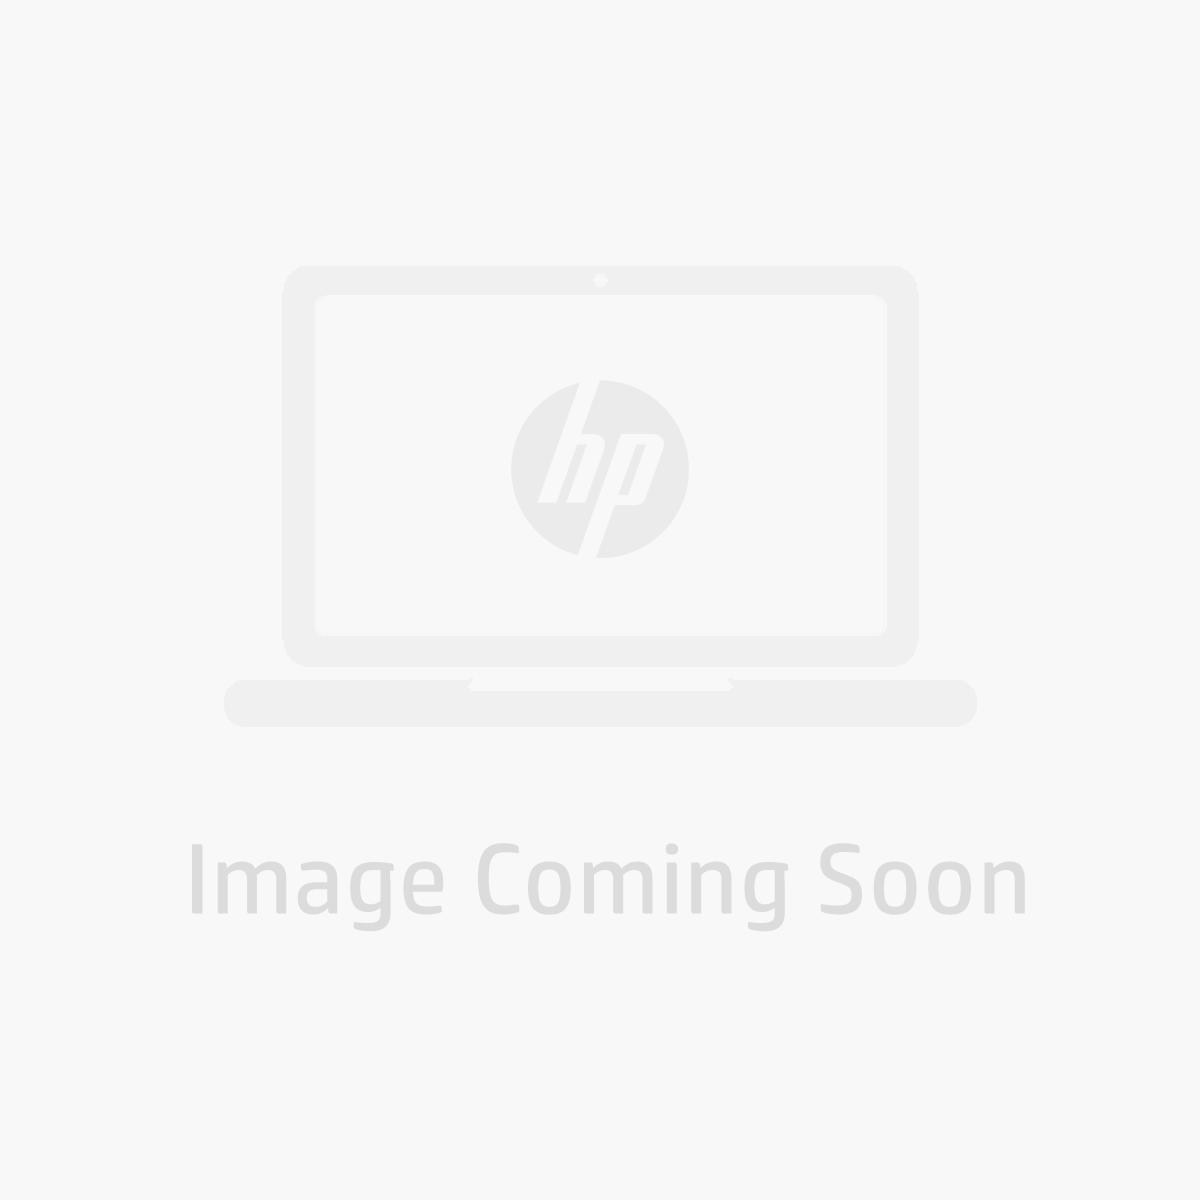 HP t630 AMD GX-420GI Thin Client